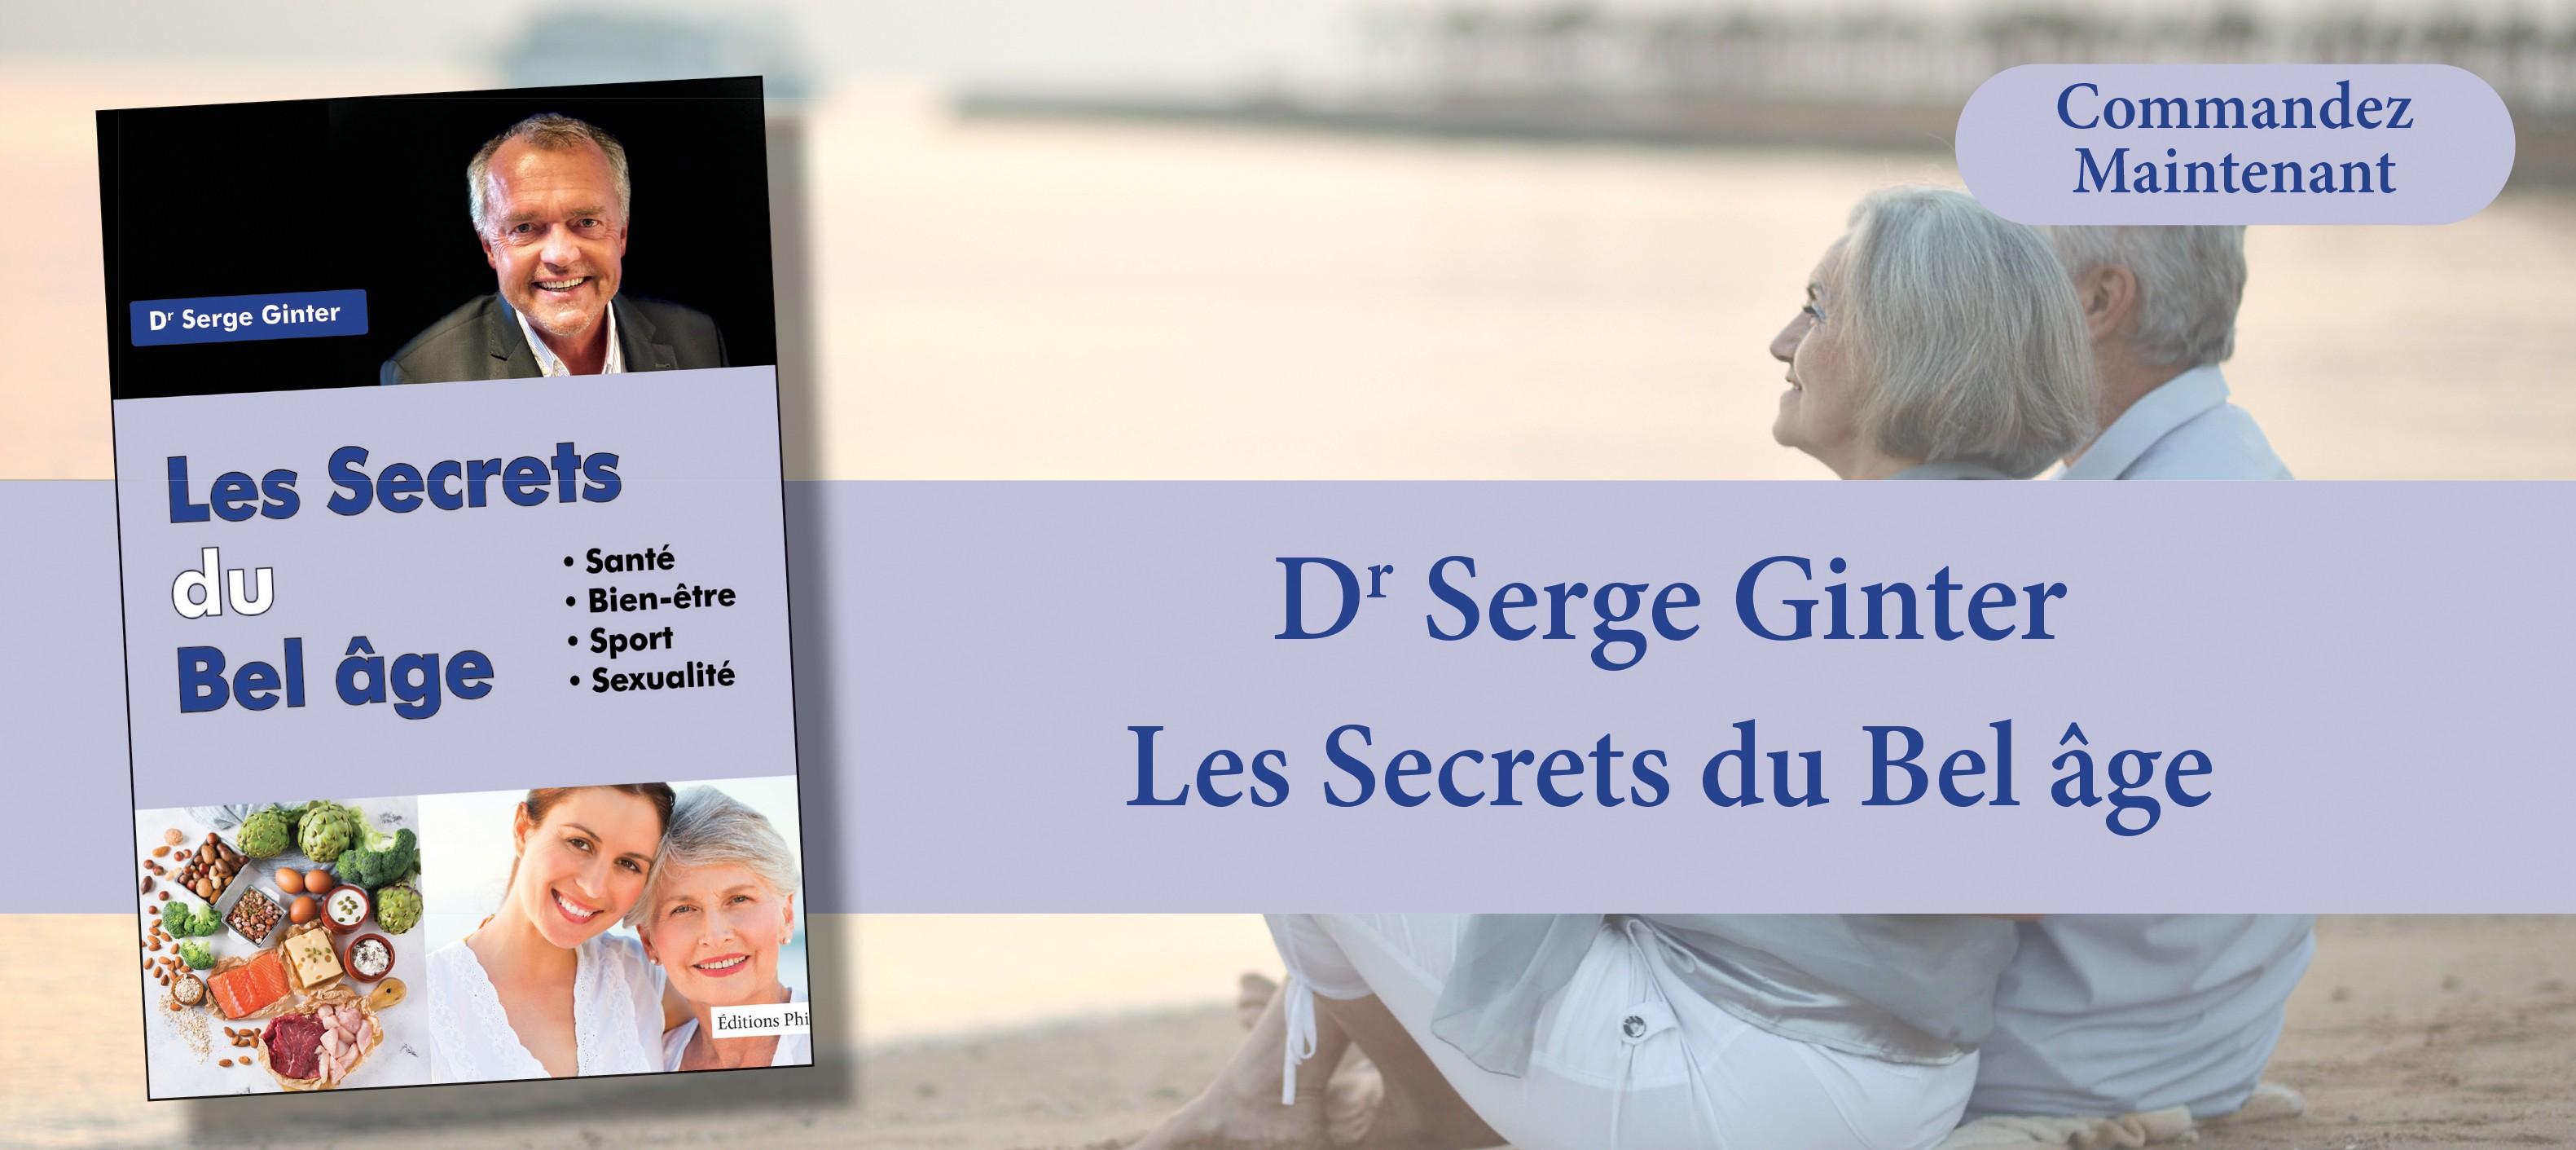 http://www.editionsphi.lu/fr/nouveautes/477-dr-serge-ginter-les-secrets-du-bel-age.html